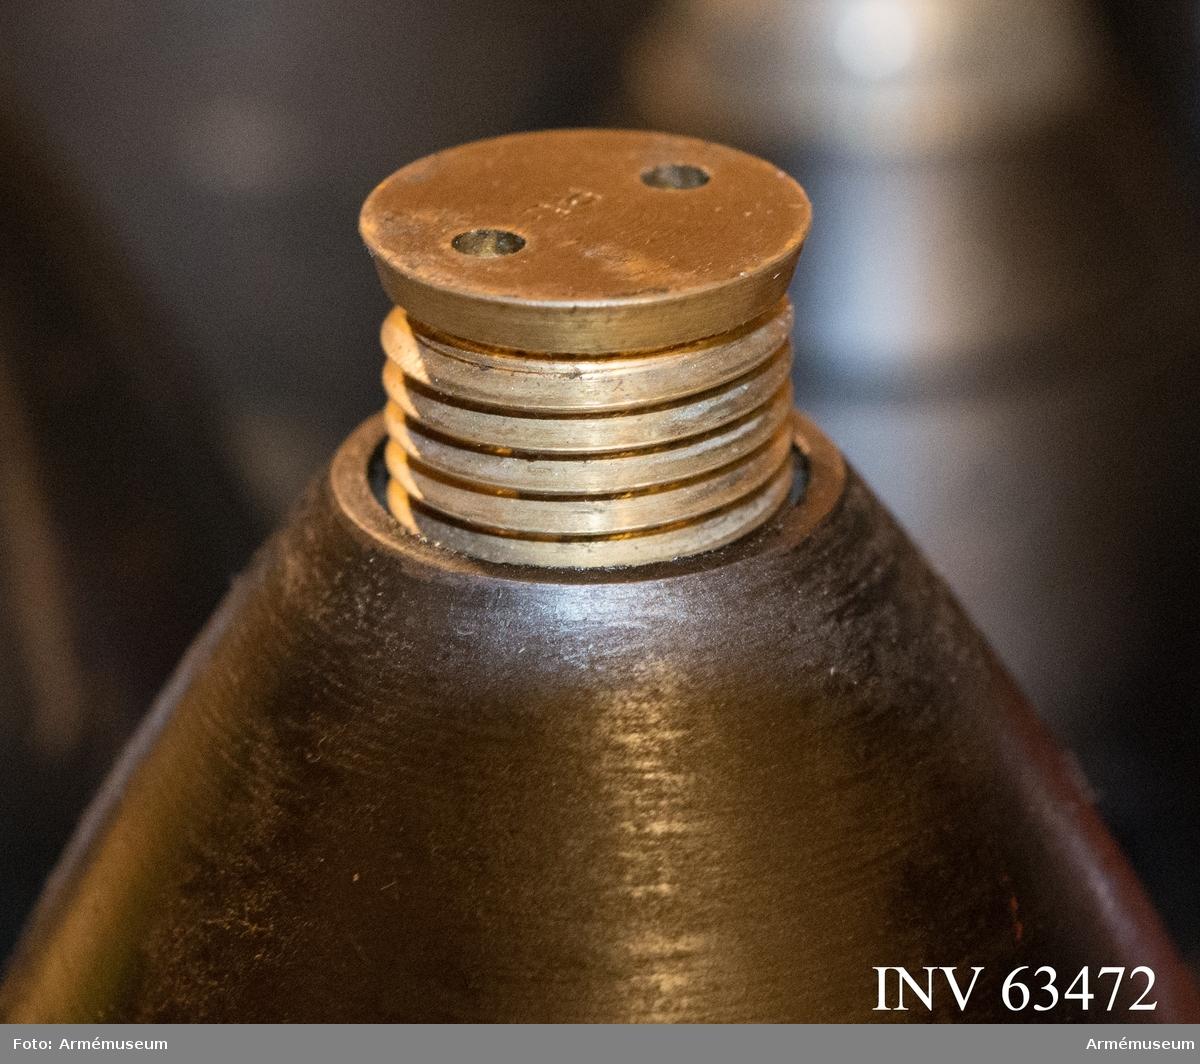 Grupp F II. Till 16 cm granat m/1885 för 16 cm kanon m/1881 samt 16 cm haubits m/1885. Enligt AfAD persedelanordning nr 202, den 19/12 1885.